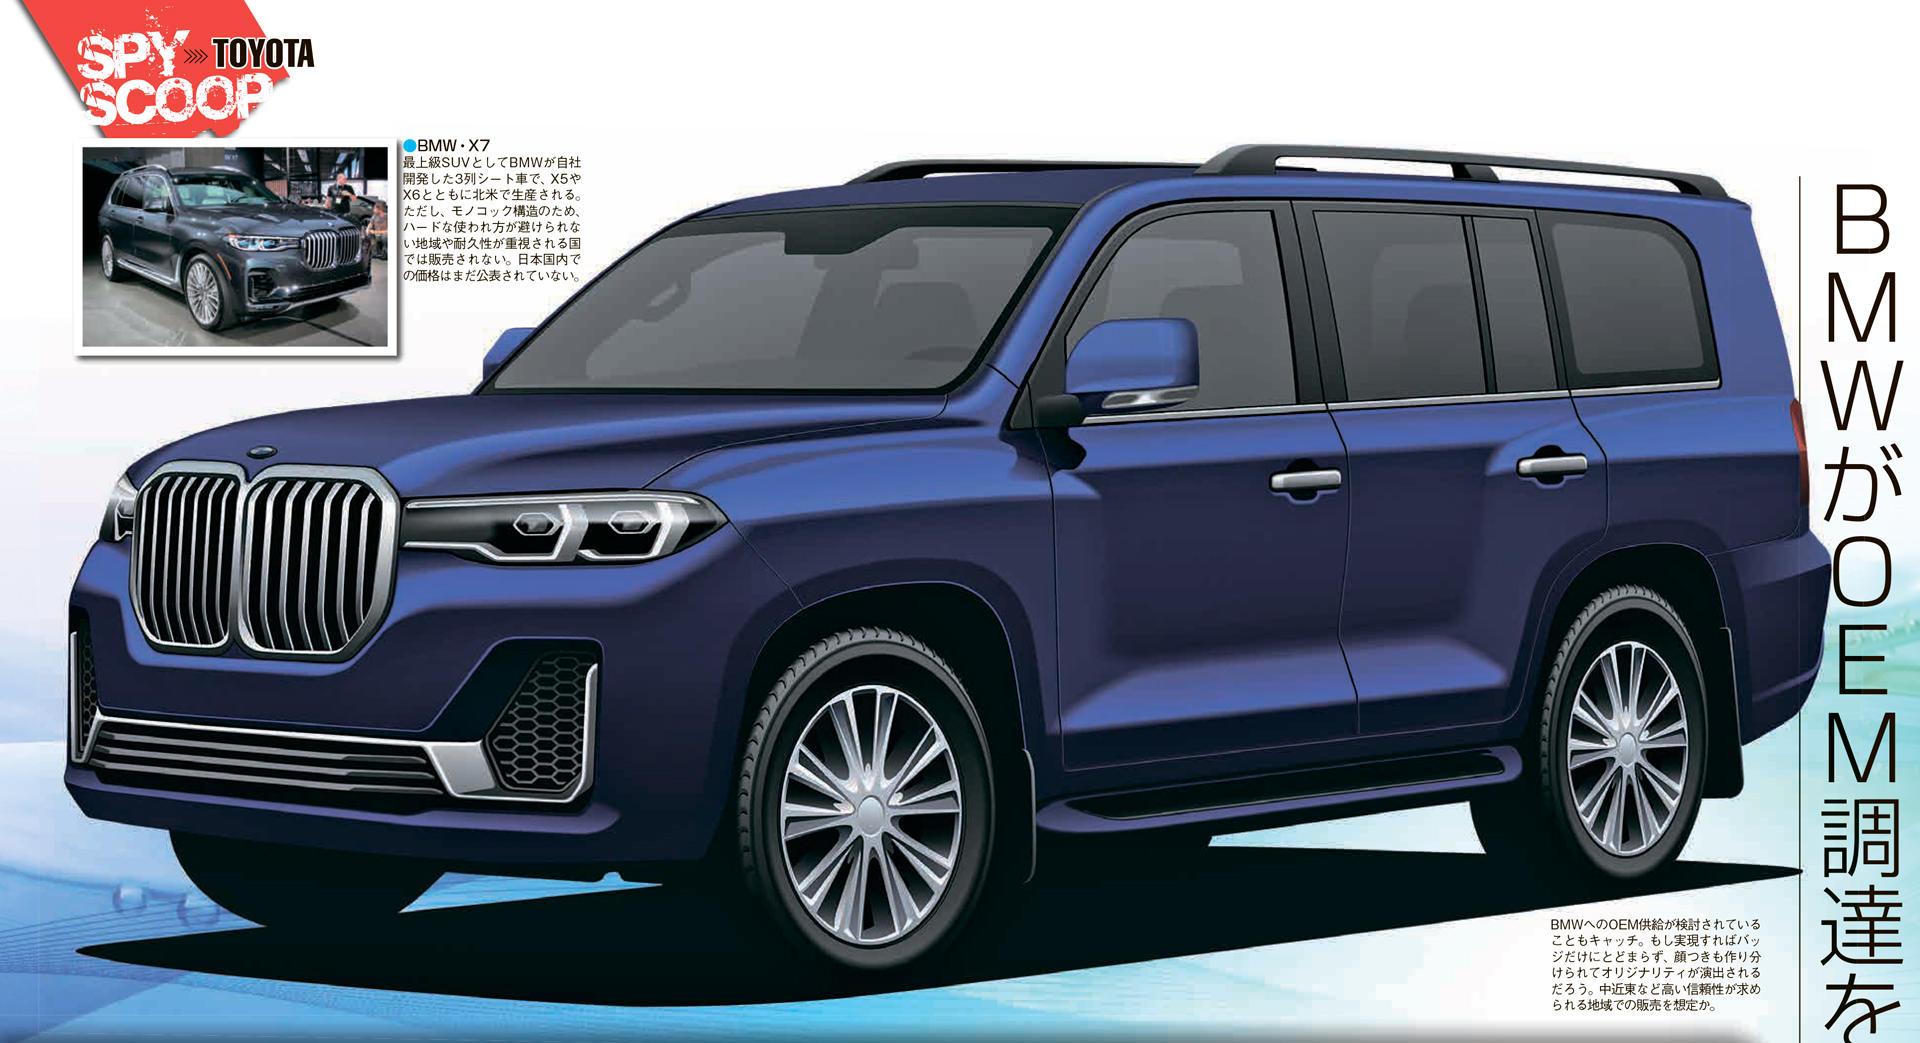 BMW может выпустить модель на платформе Toyota Land Cruiser